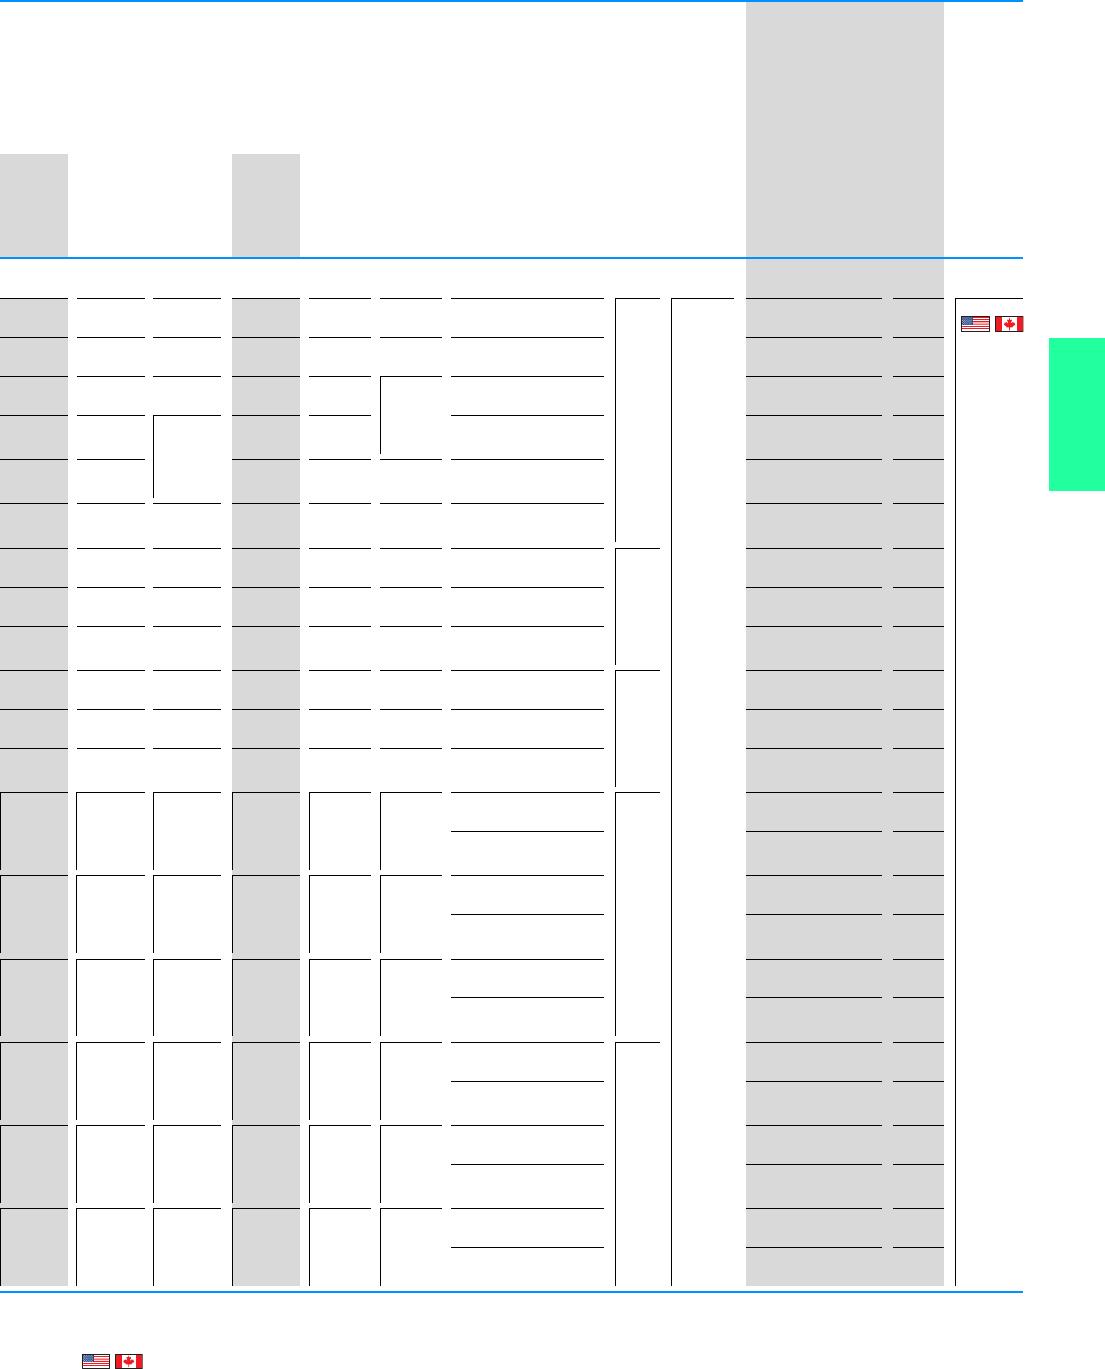 Fantastisch 87 Sequenzdiagramm Bildinspirationen Bilder - Schaltplan ...